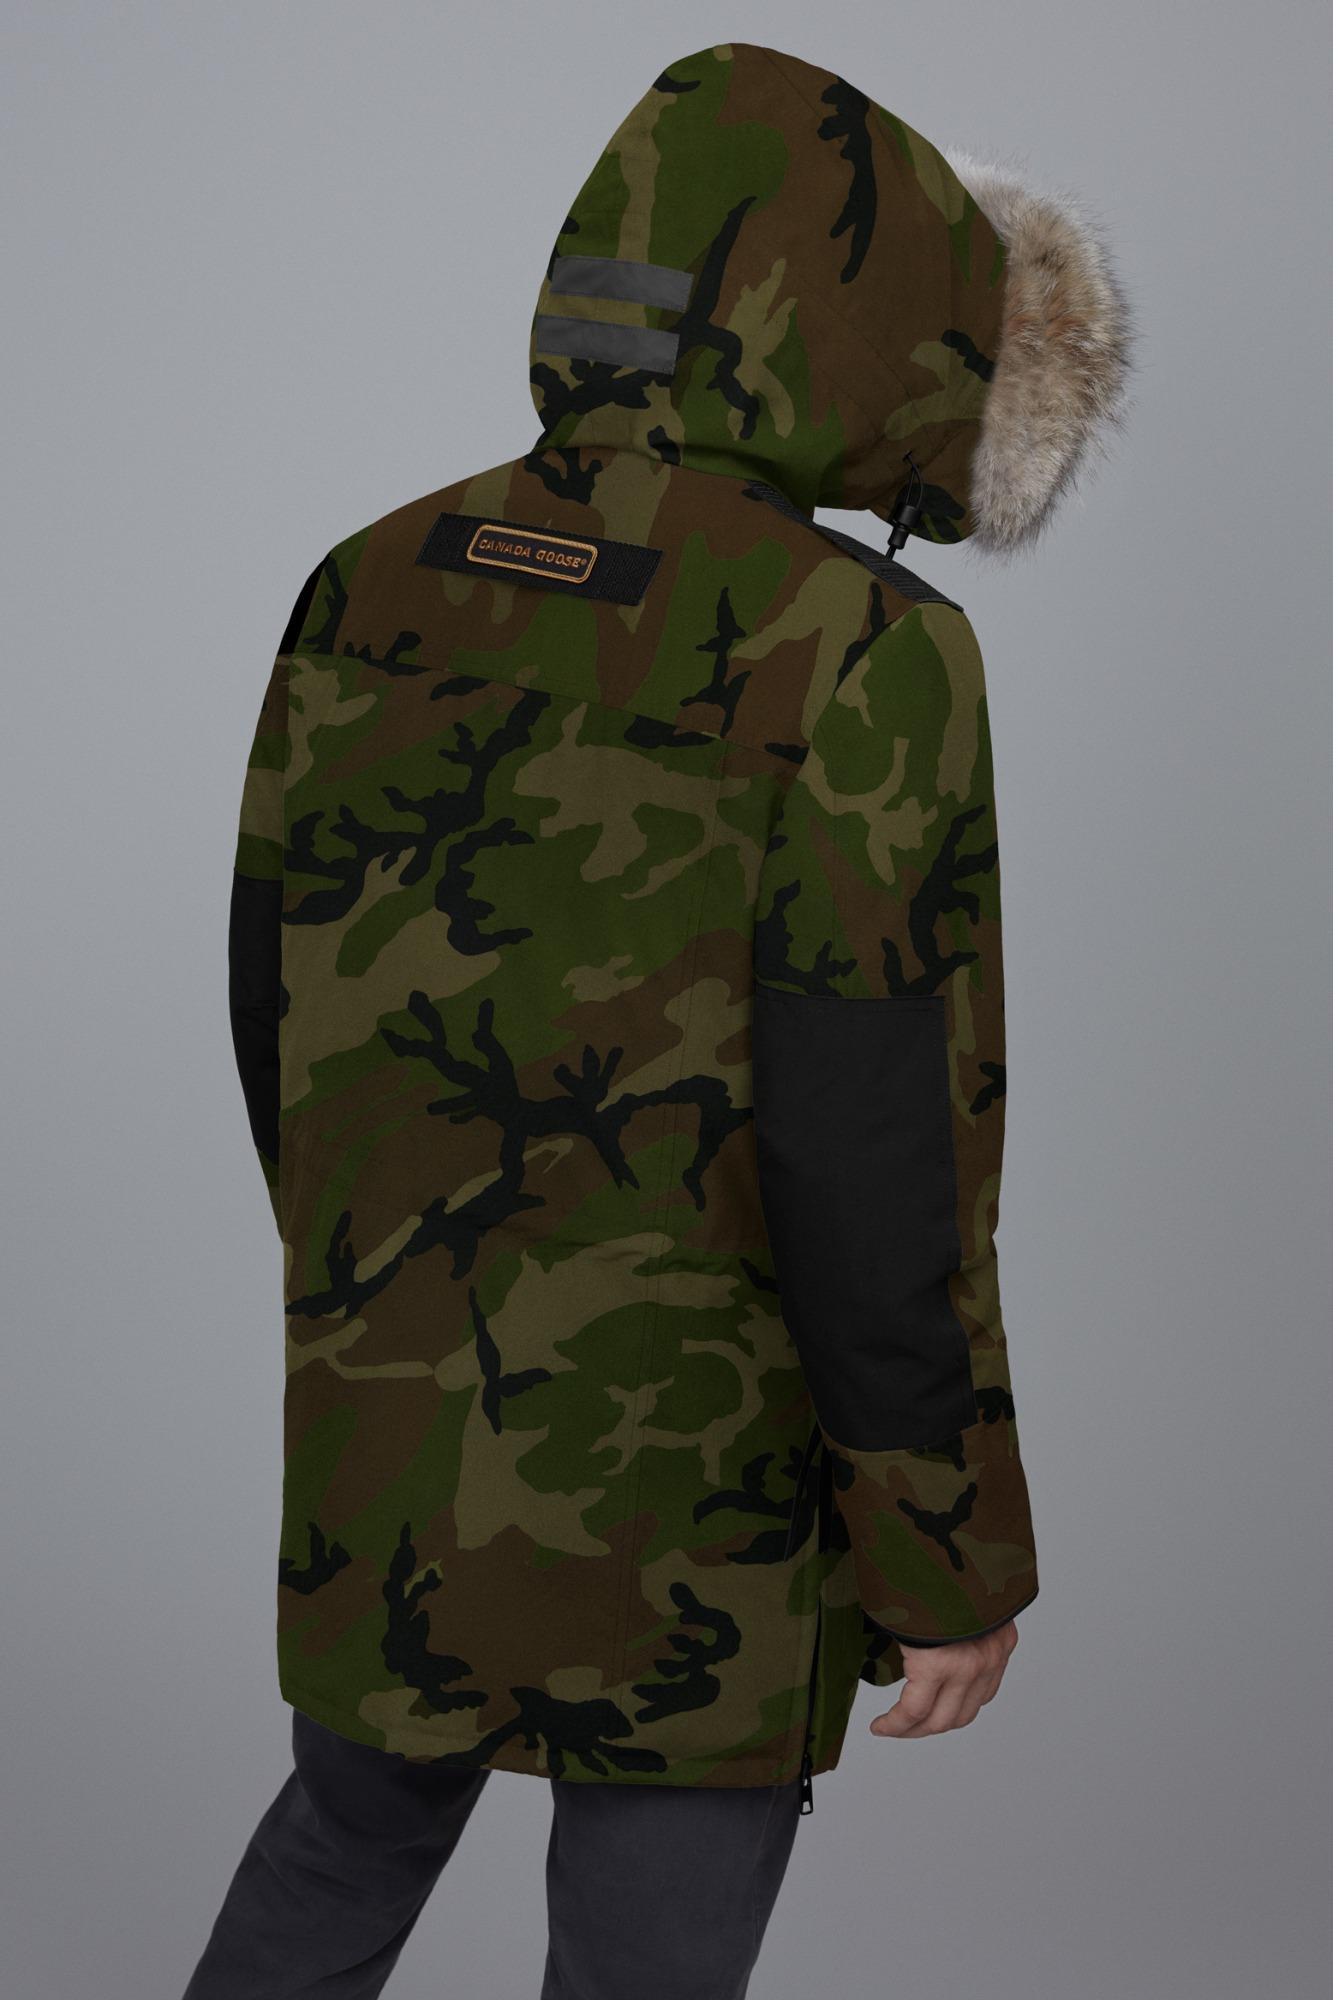 CANADA GOOSE DAUNENJACKE Parka Größe:L Camouflage mit Echt